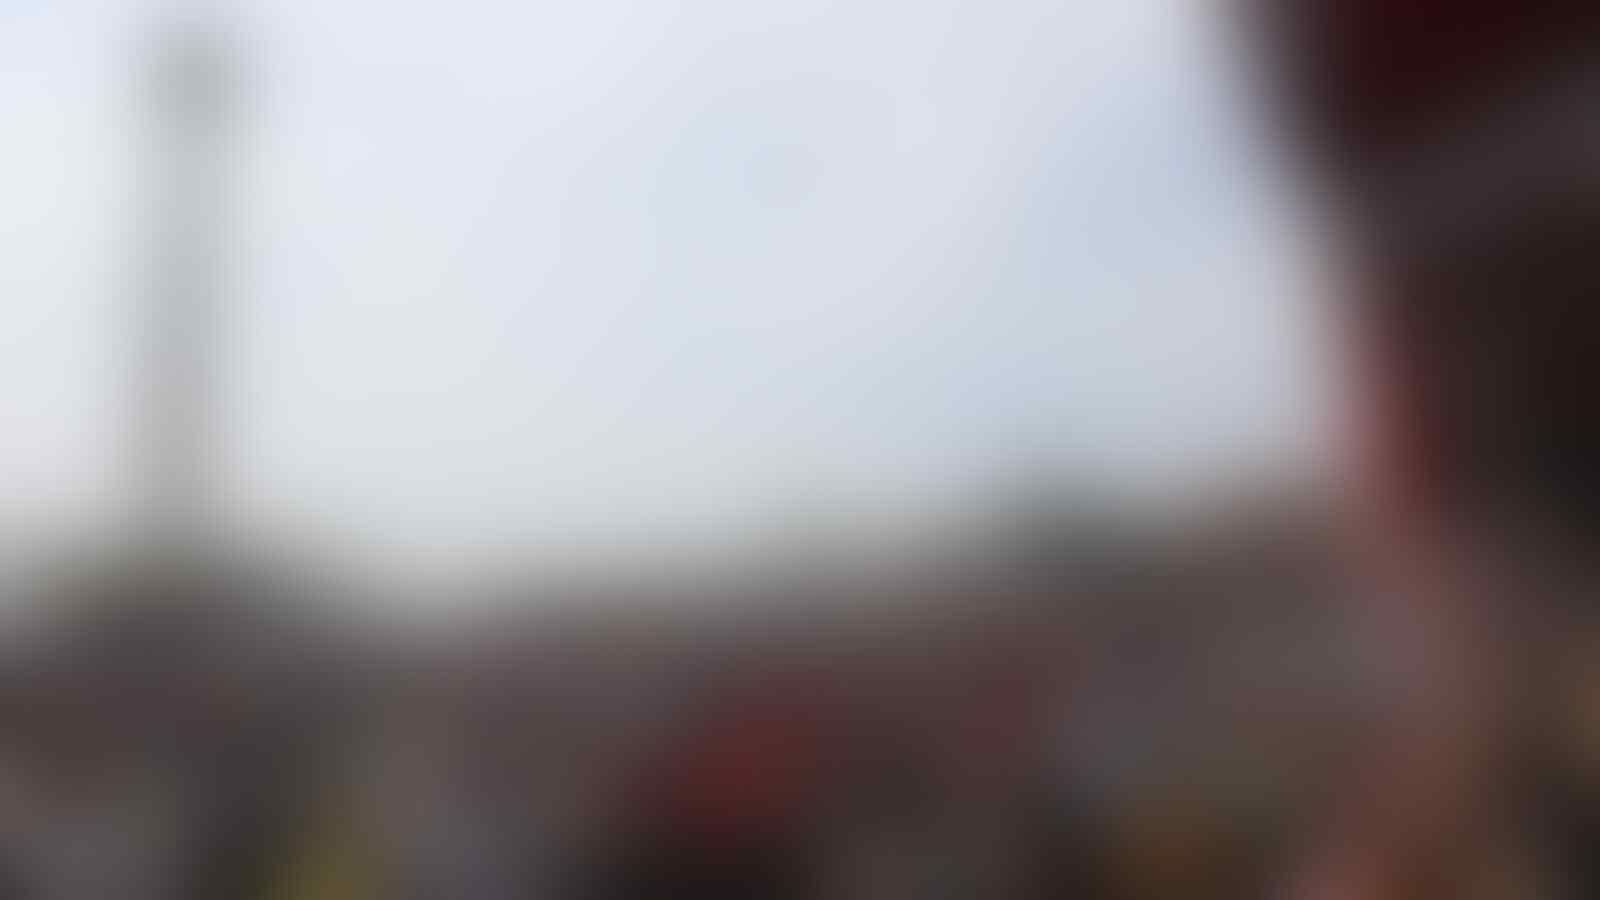 Cerita Lengkap soal Bagi Sembako di Monas dari A-Z